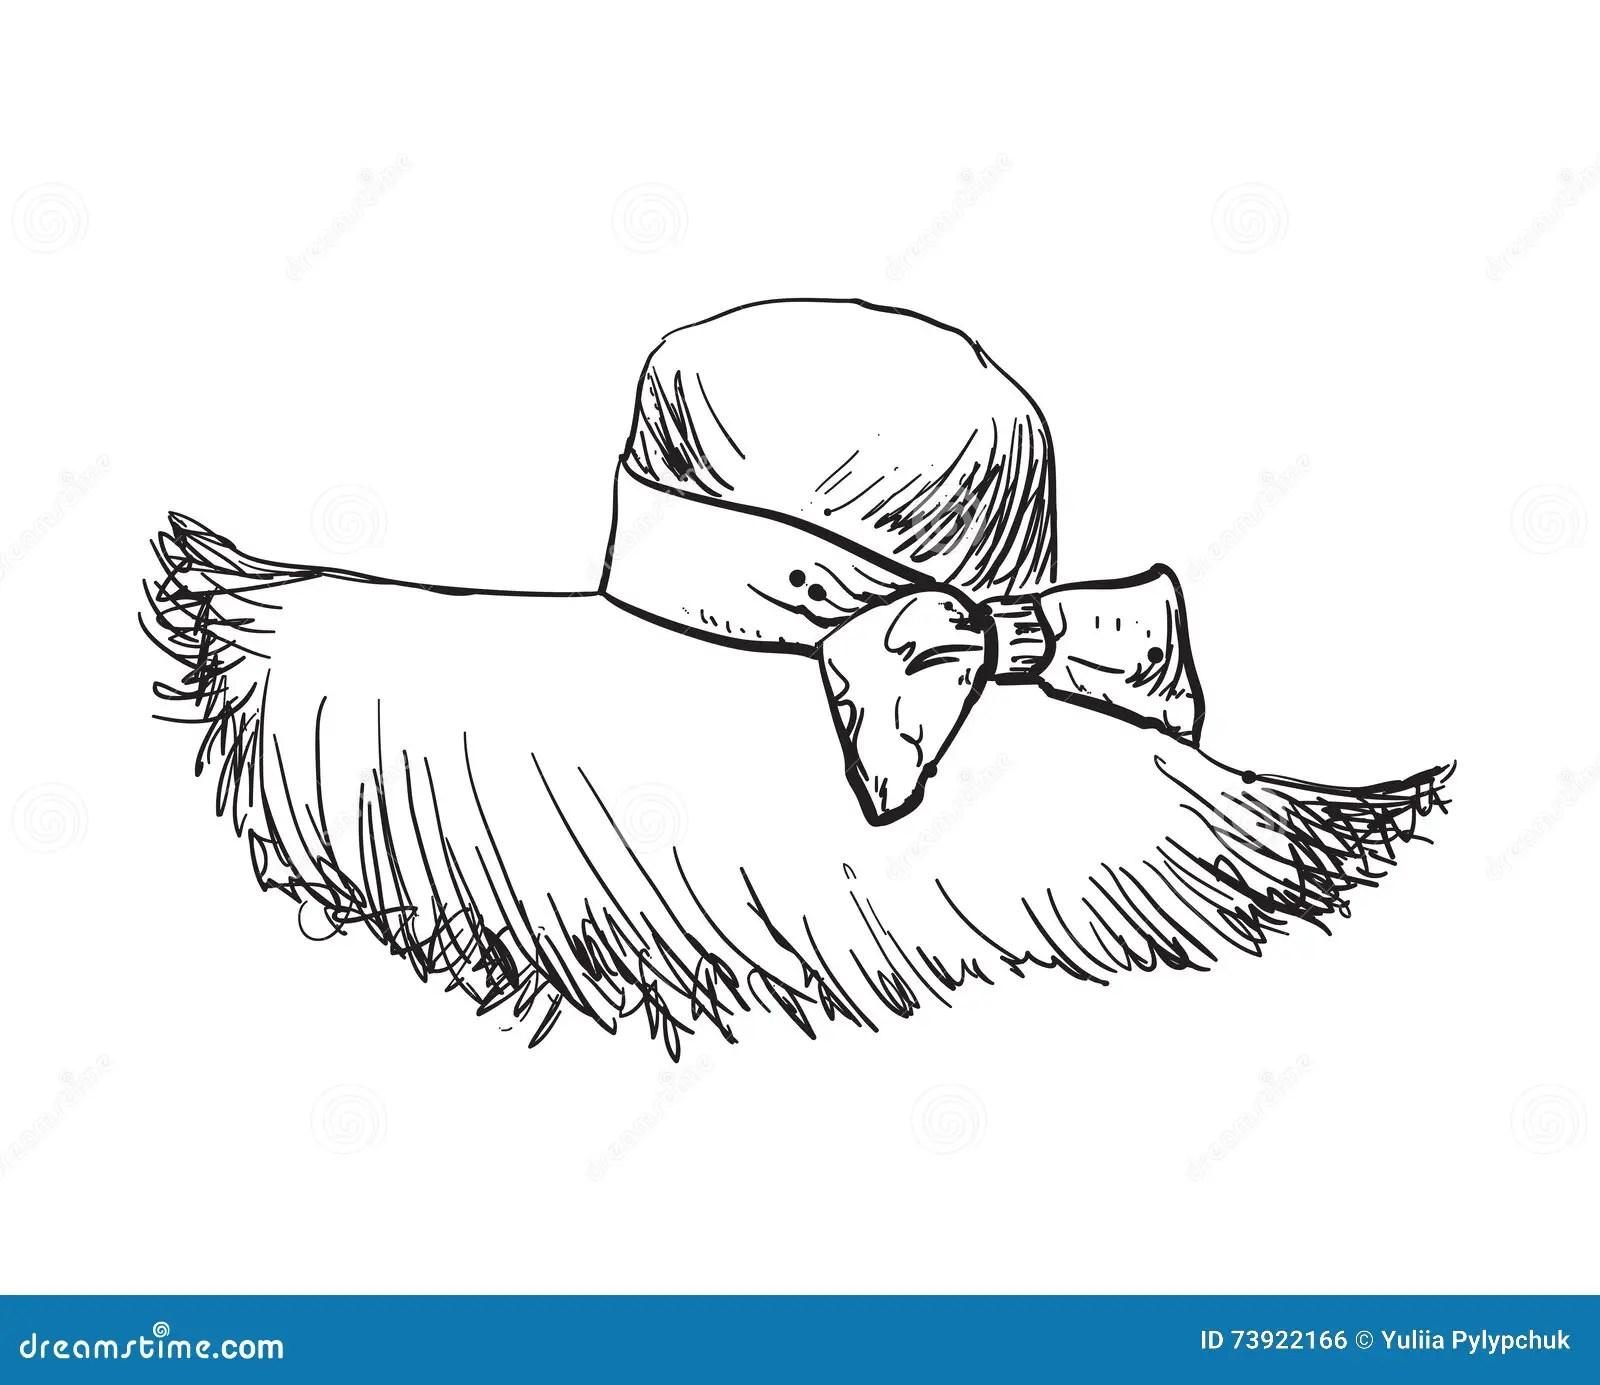 Sombrero De Paja Dibujado Mano Forme La Ilustracion